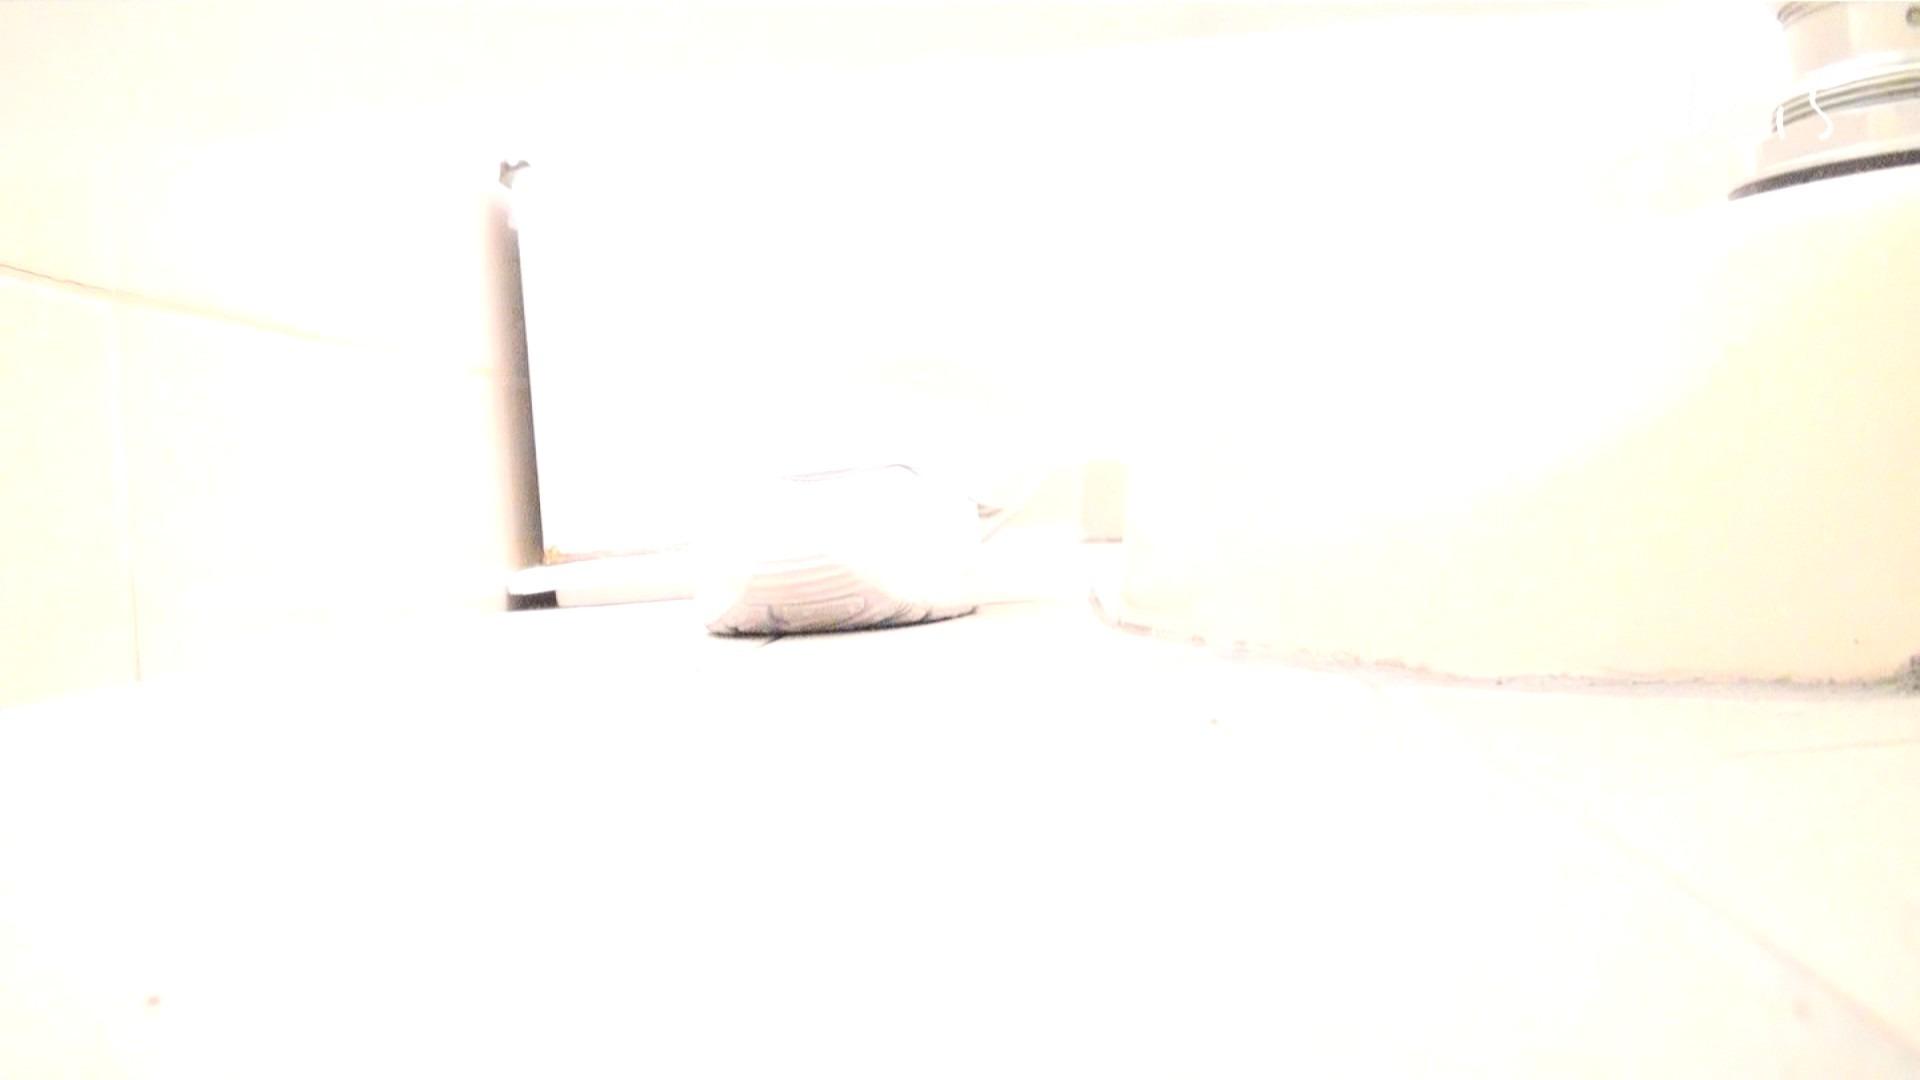 至高下半身盗撮-PREMIUM-【院内病棟編 】 vol.05 洗面所突入 おめこ無修正画像 75pic 47